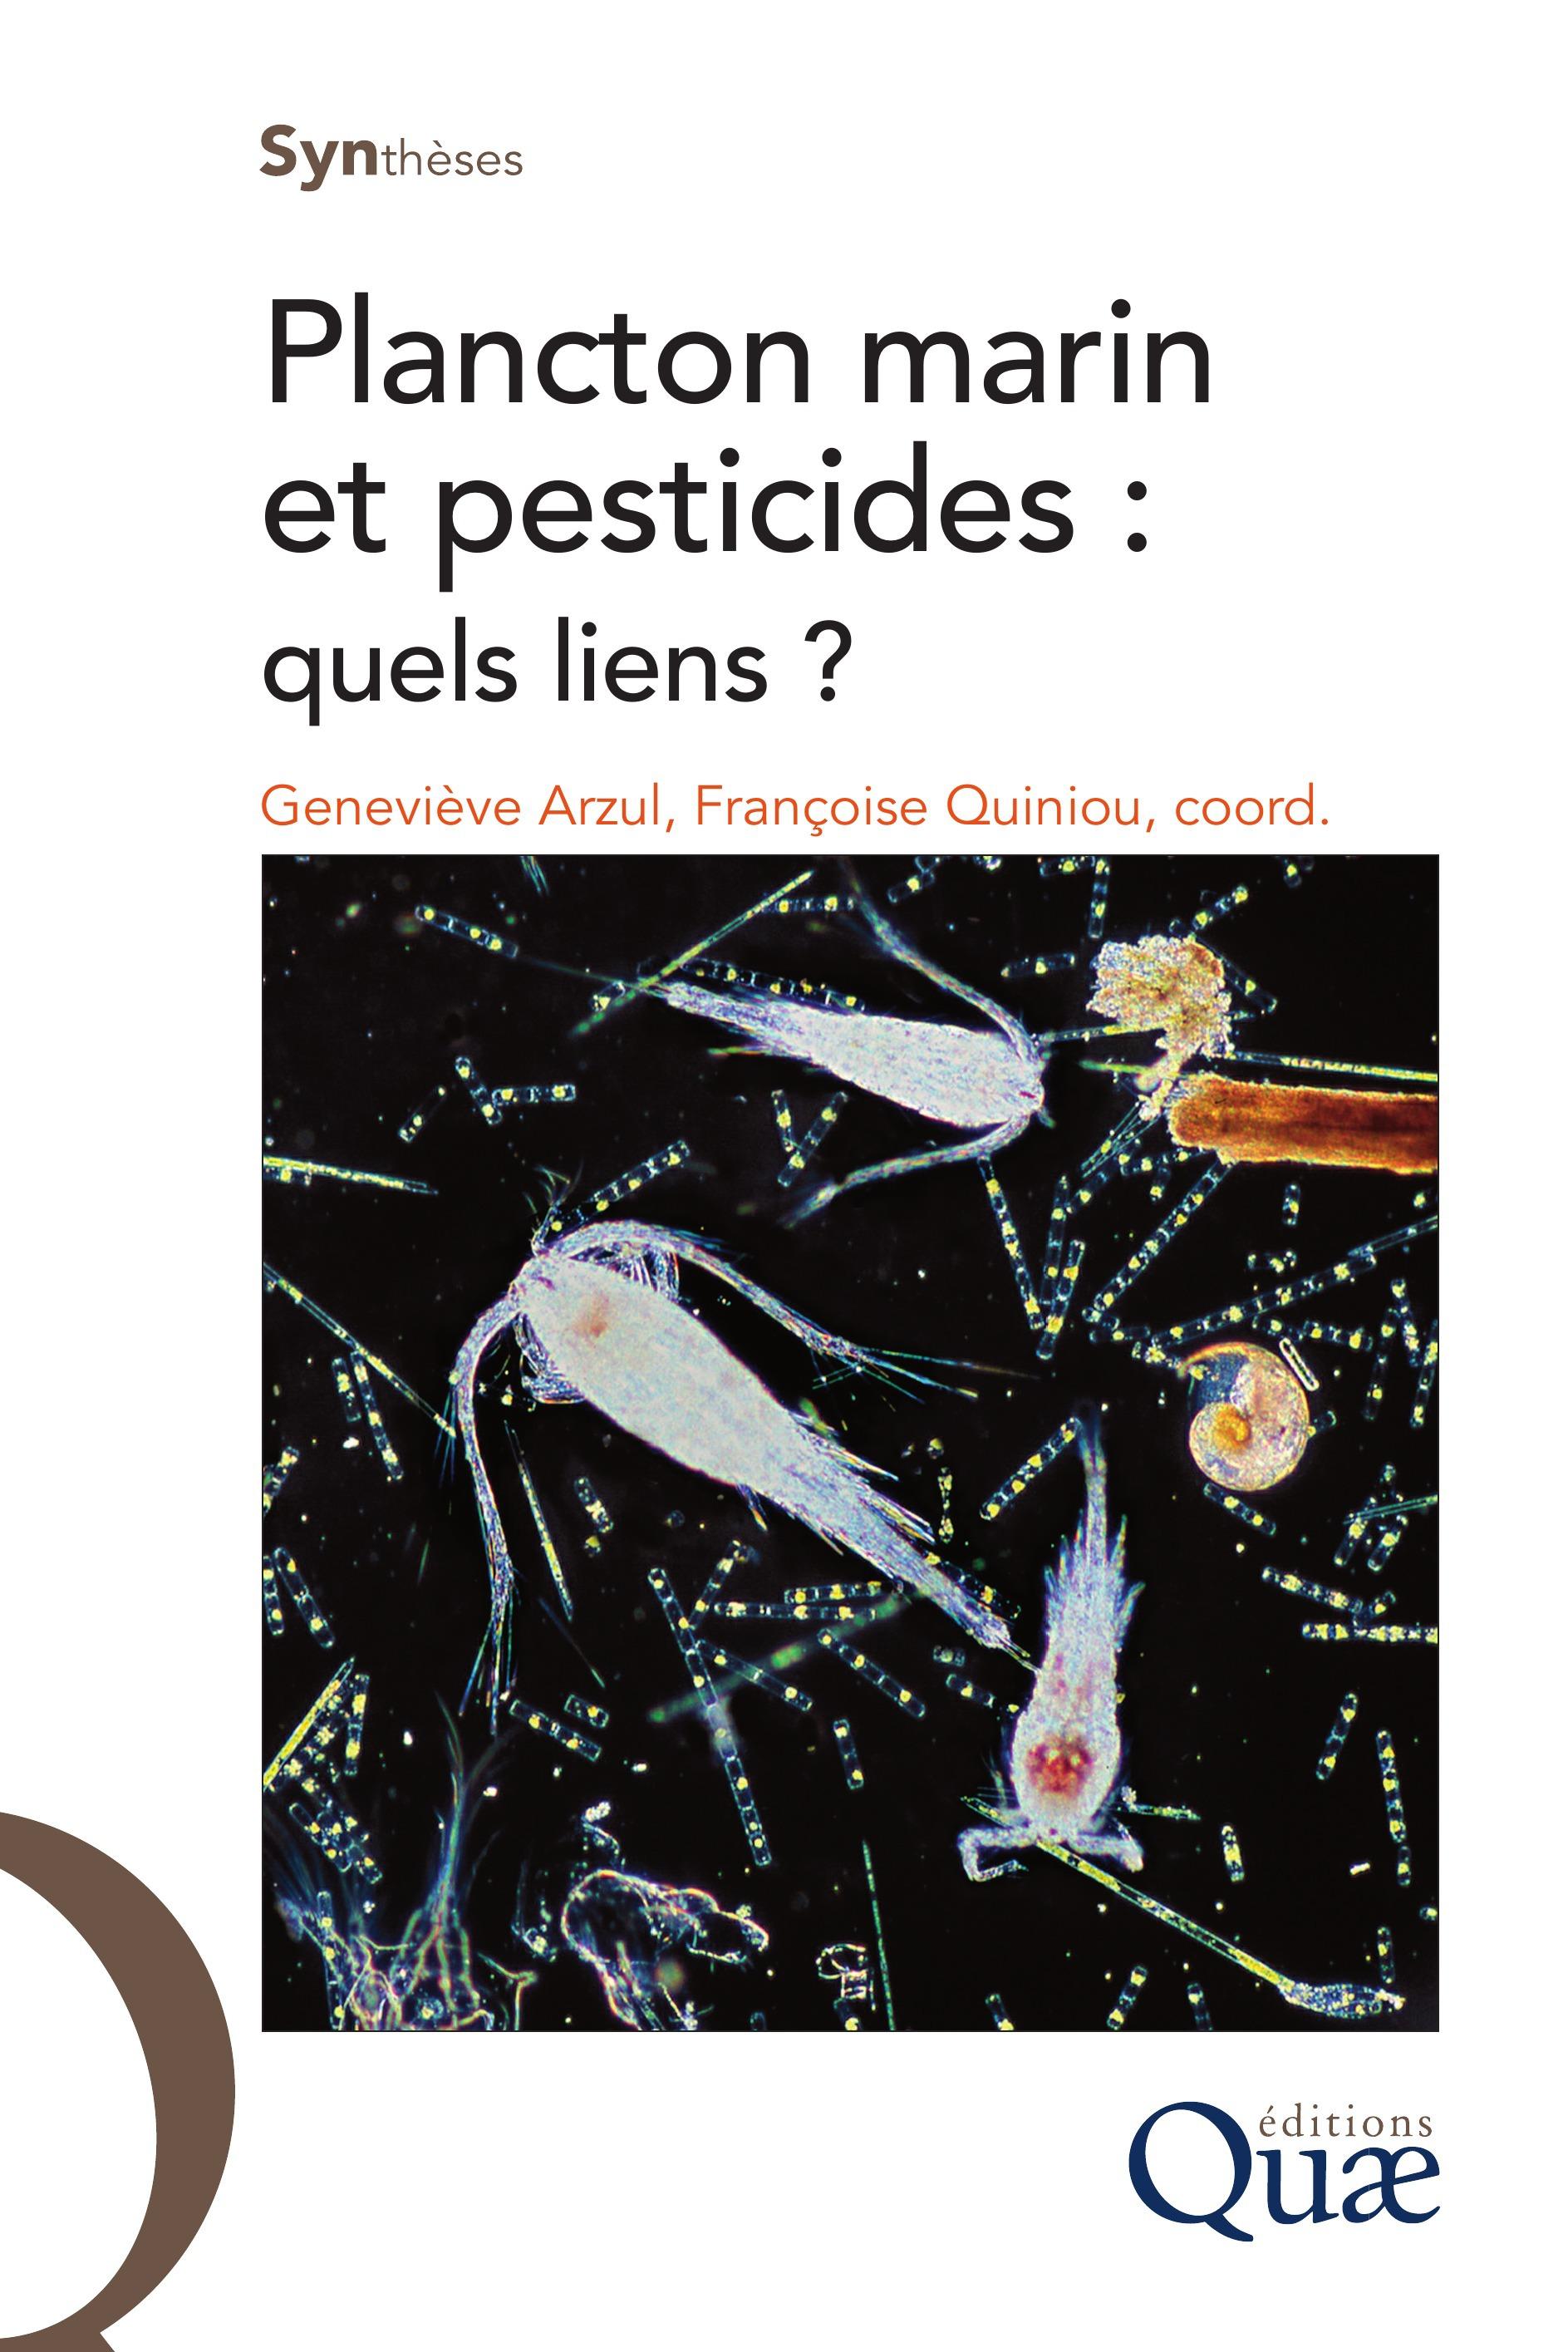 Plancton marin et pesticides, quels liens